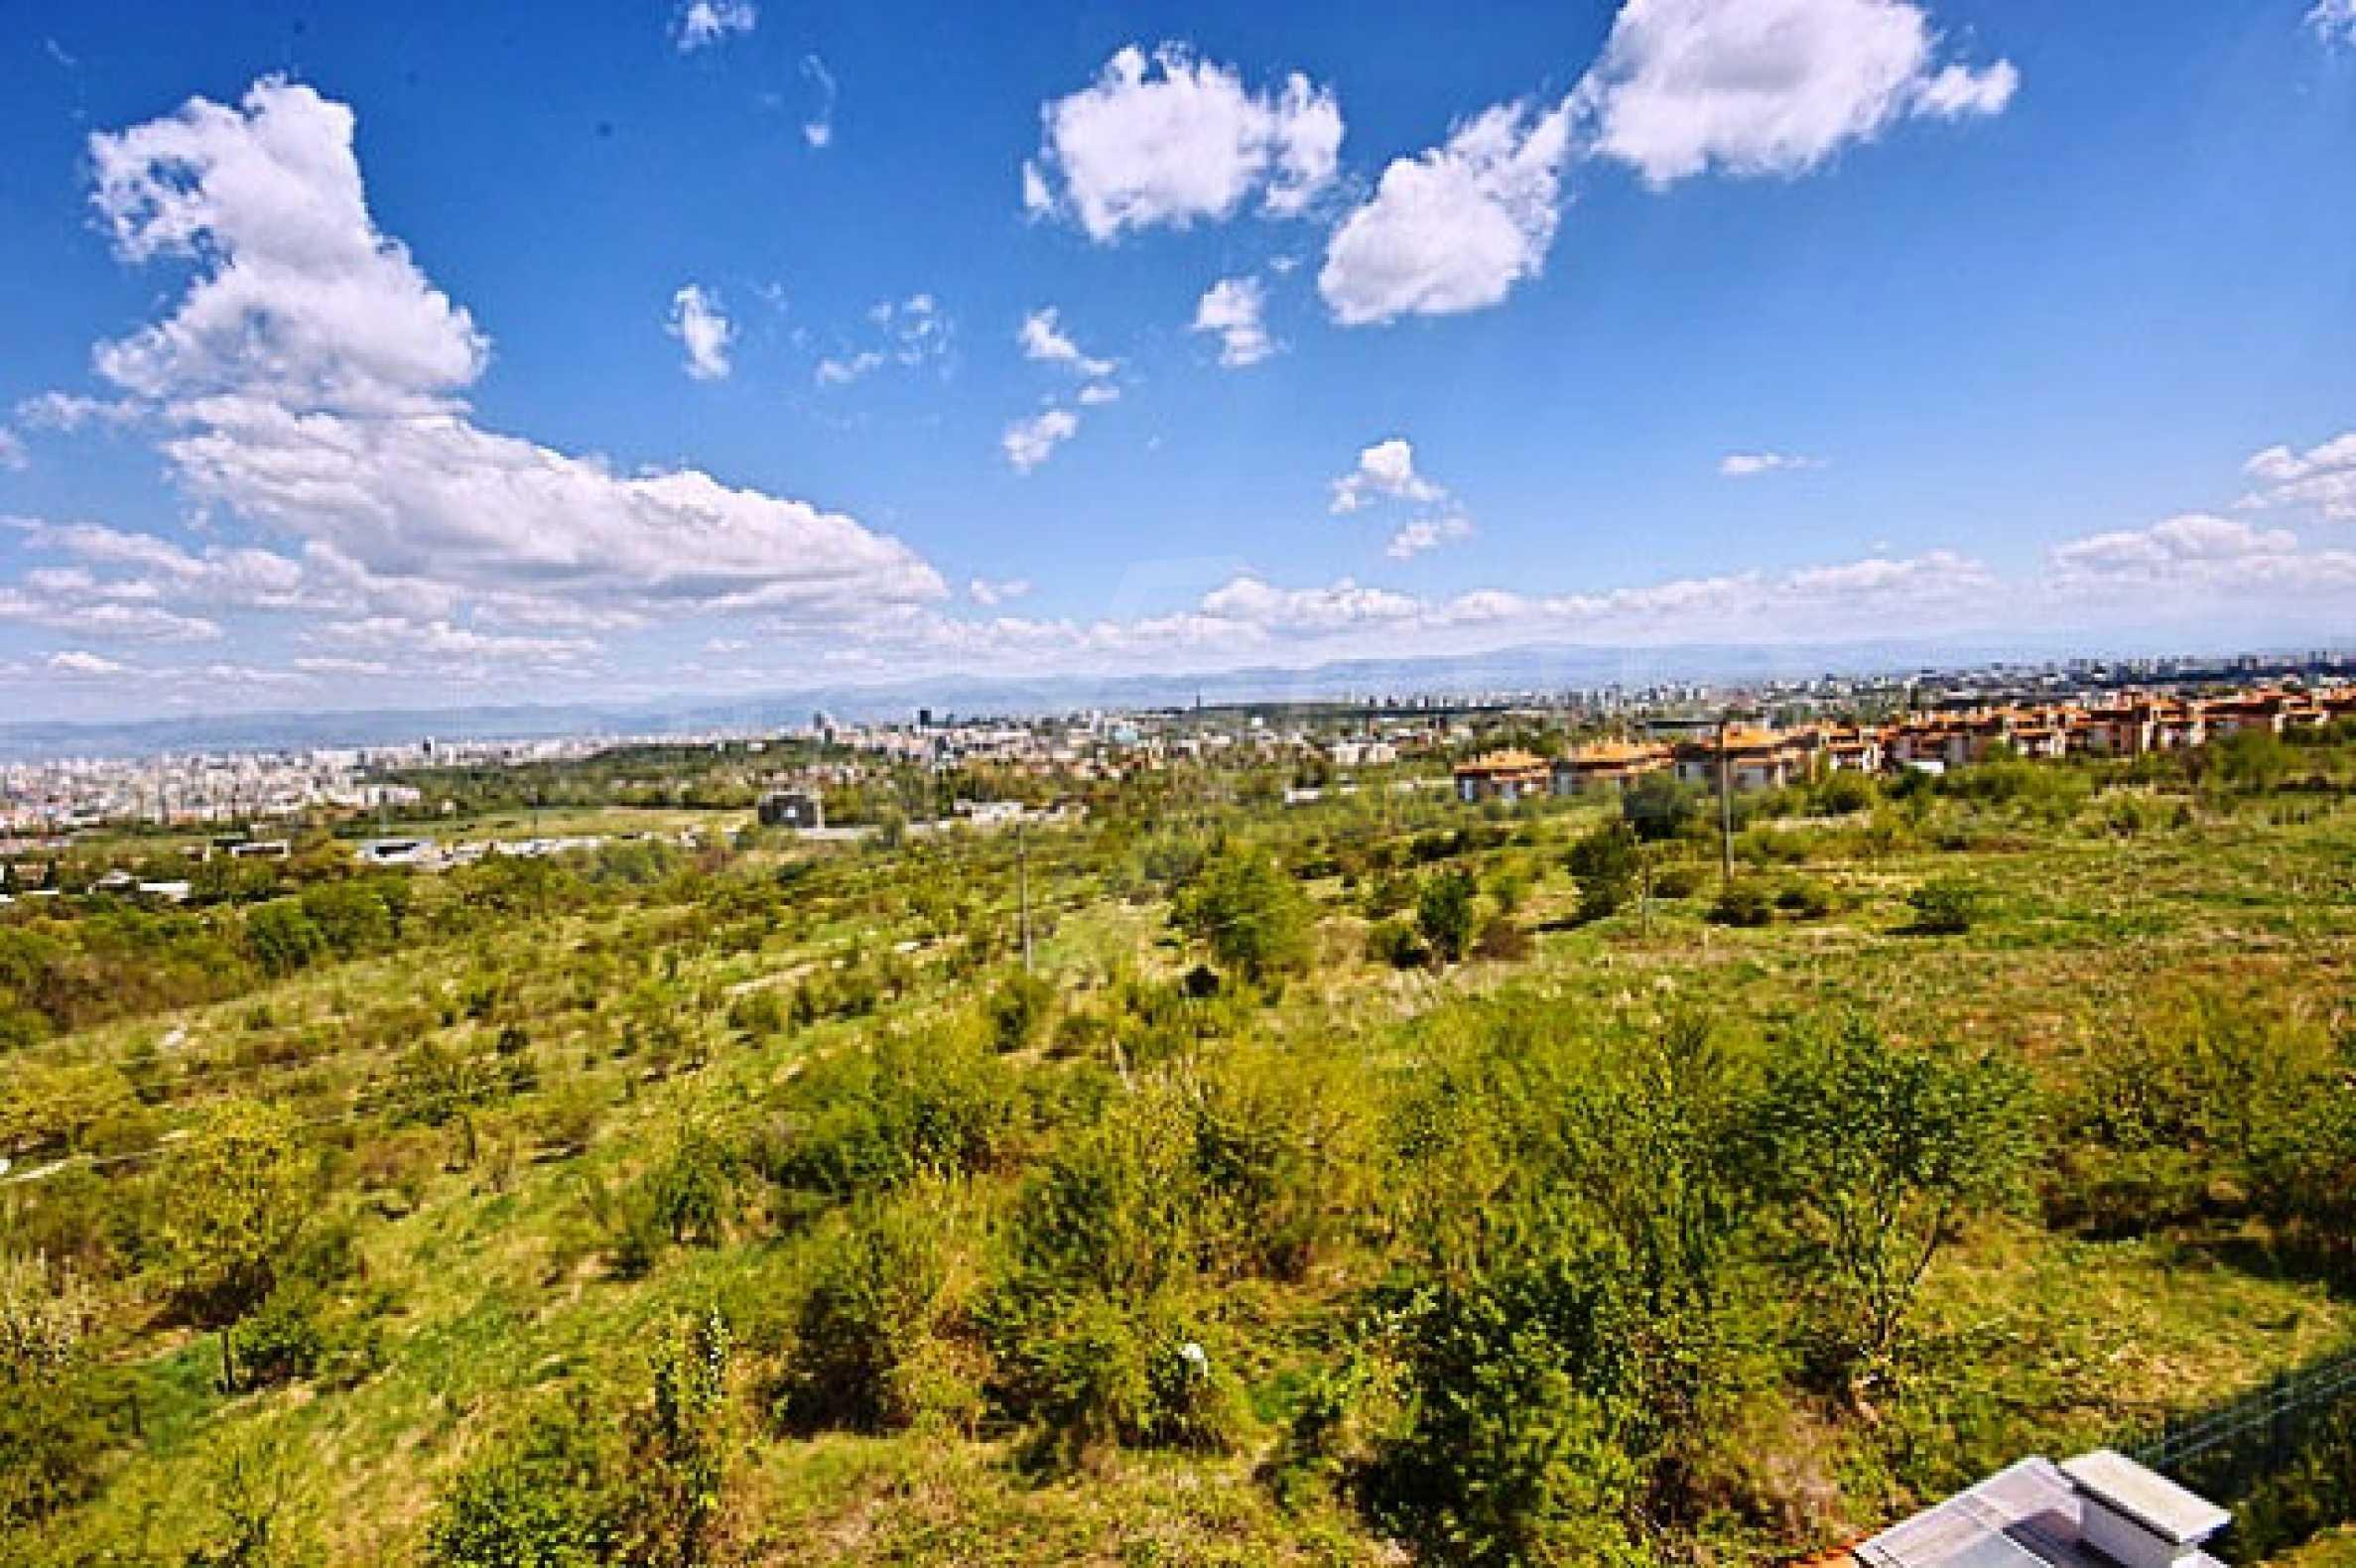 Haus zum Verkauf in Dragalevtsi Bezirk 10